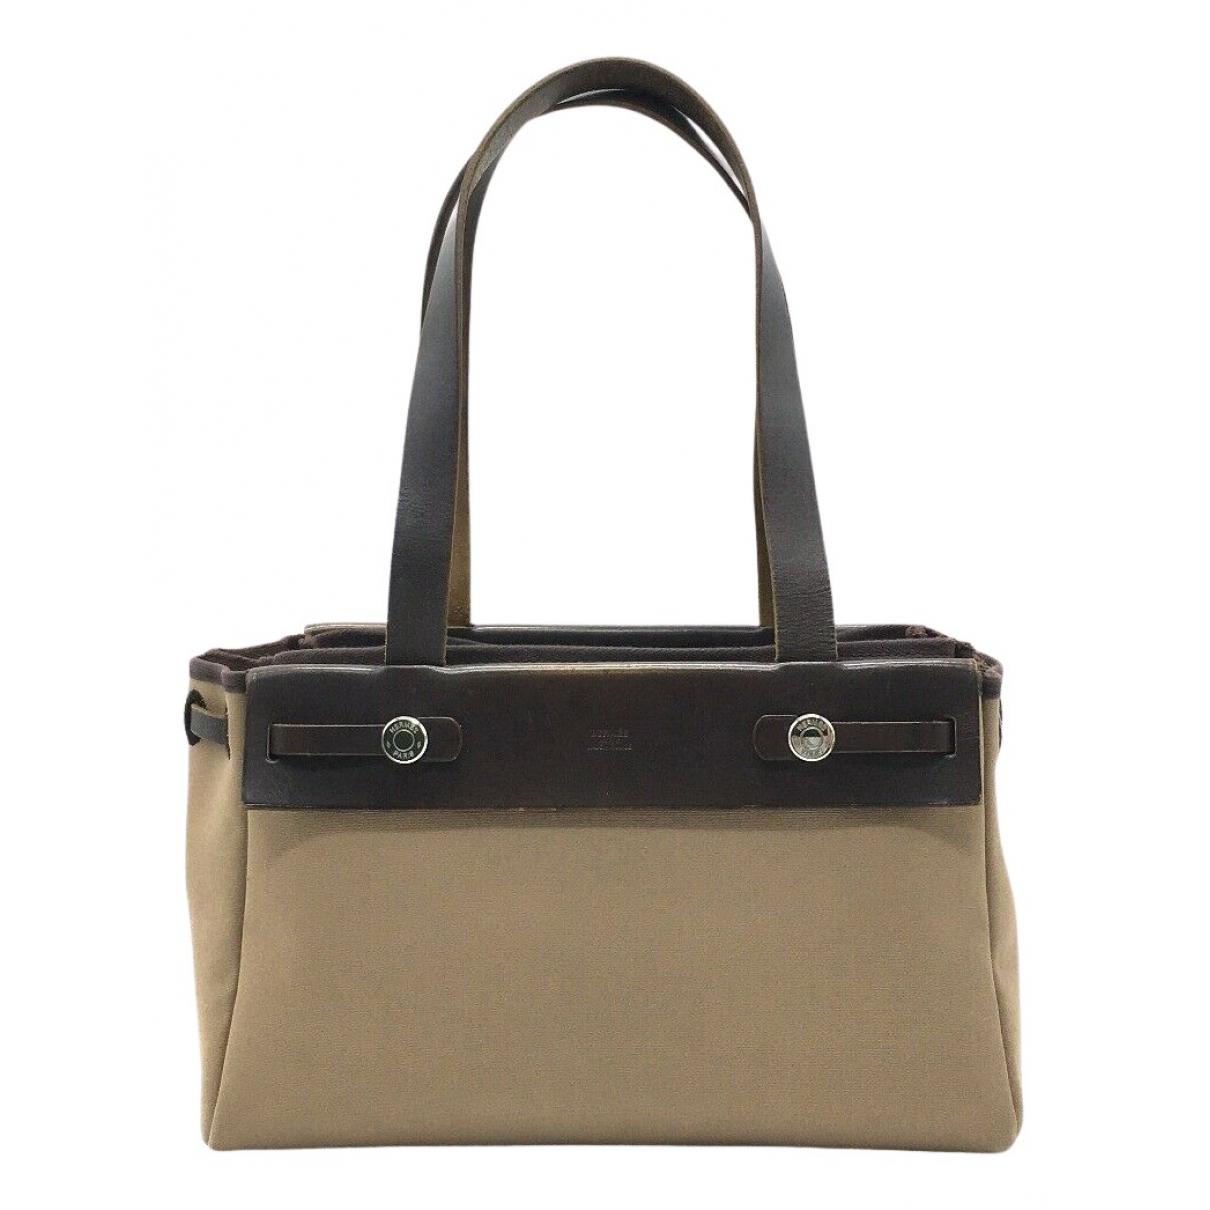 Hermes Herbag Handtasche in  Beige Leinen